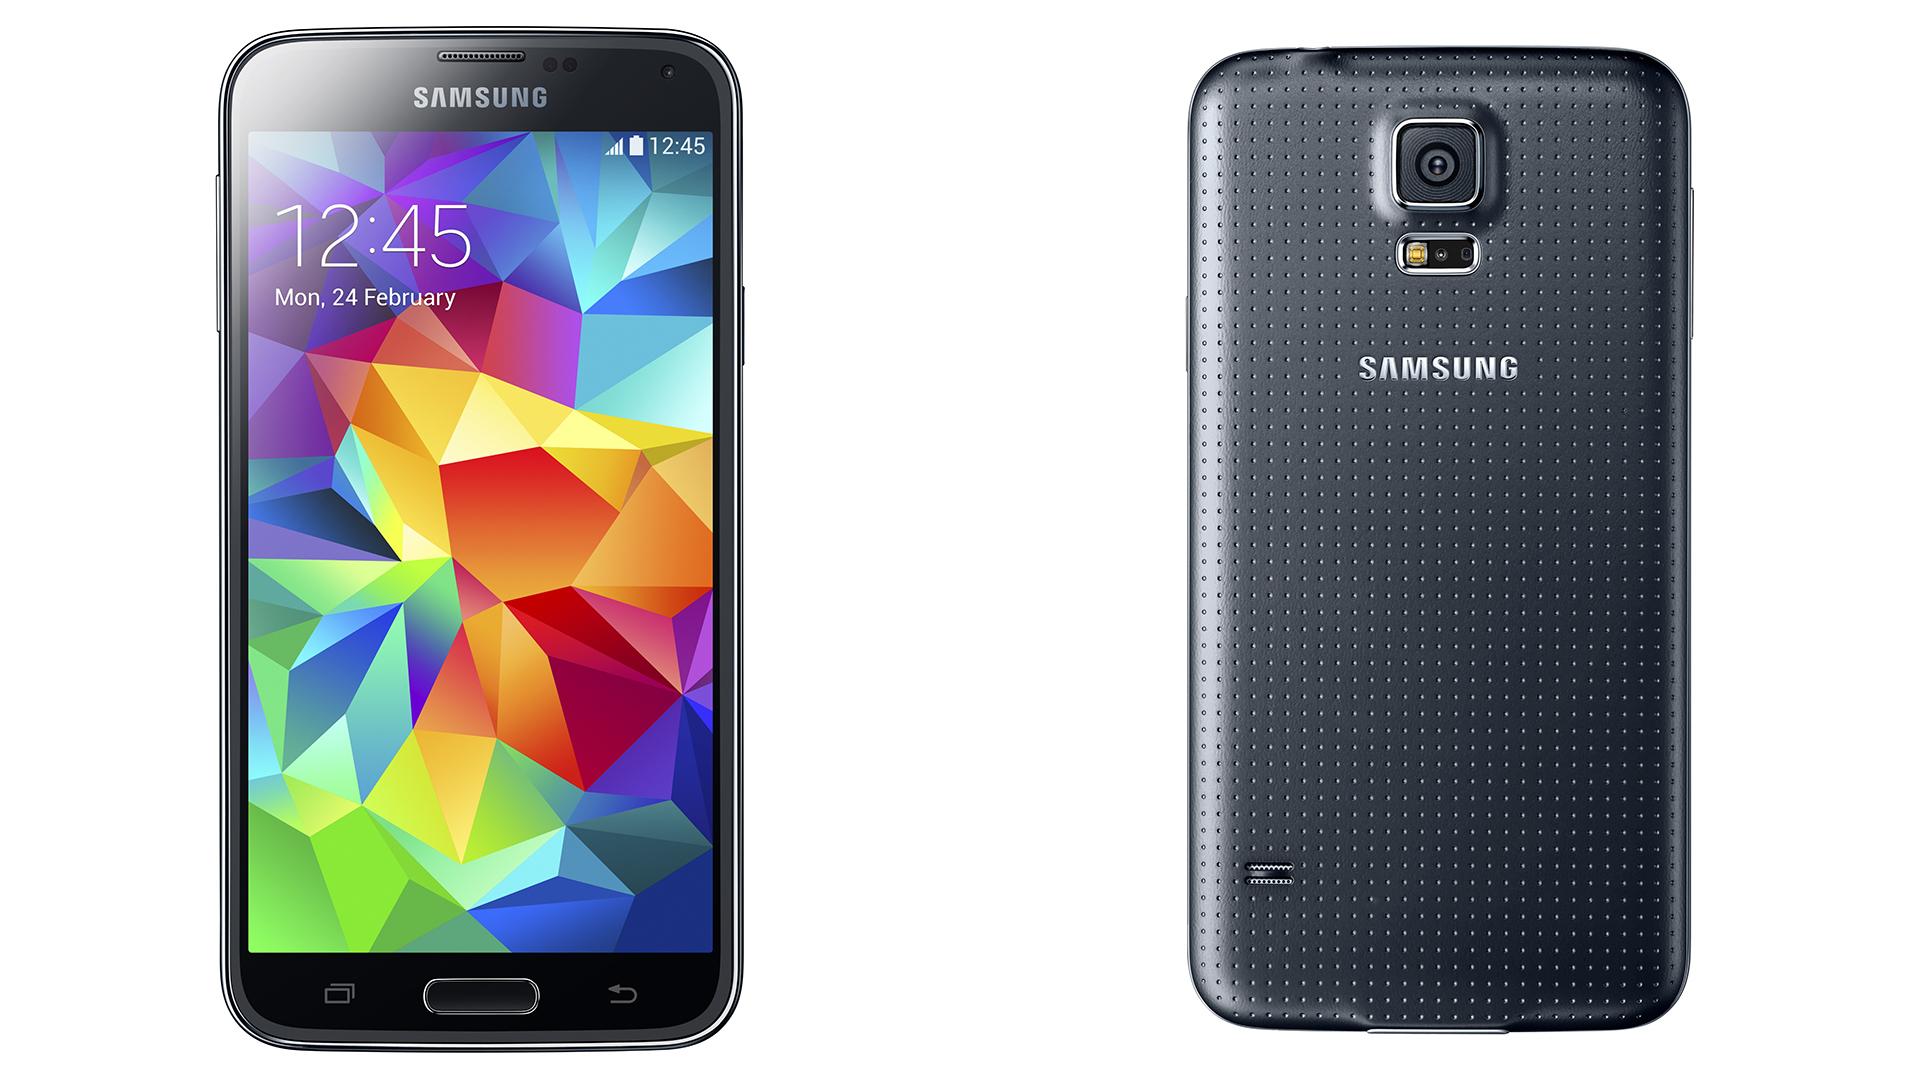 Samsung Galaxy S5 Smartphone by N7-ZHH